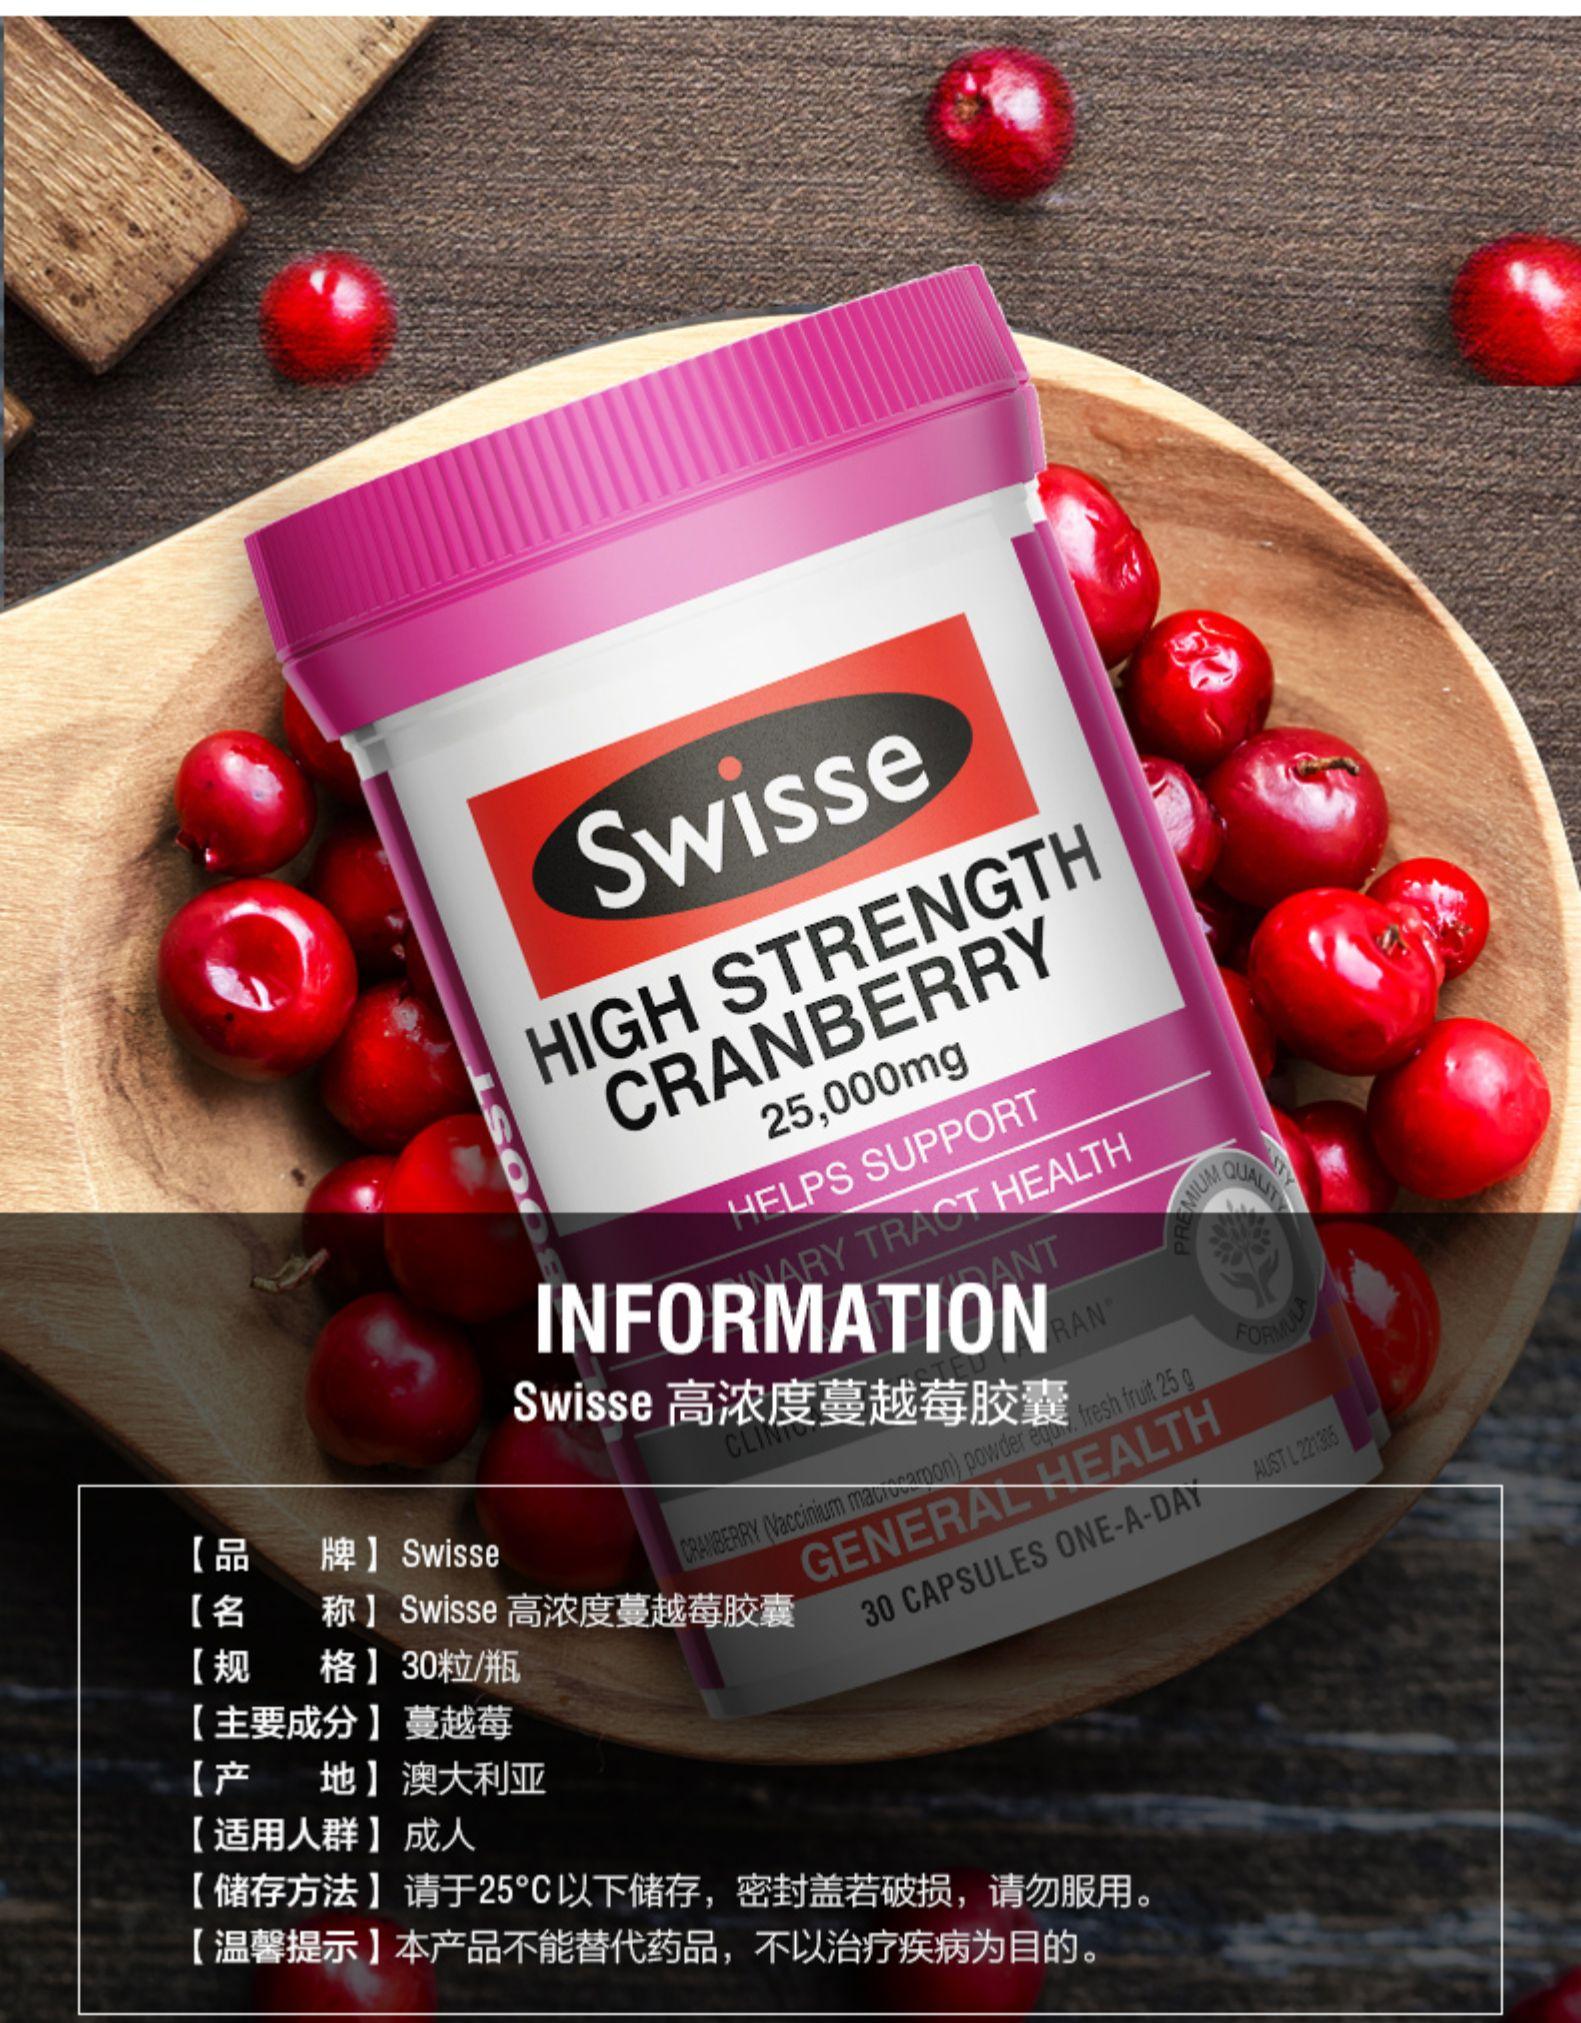 澳洲进口swisse高浓缩蔓越莓胶囊呵护泌尿系统30粒高浓度PACran¥145.00 我们的产品 第5张